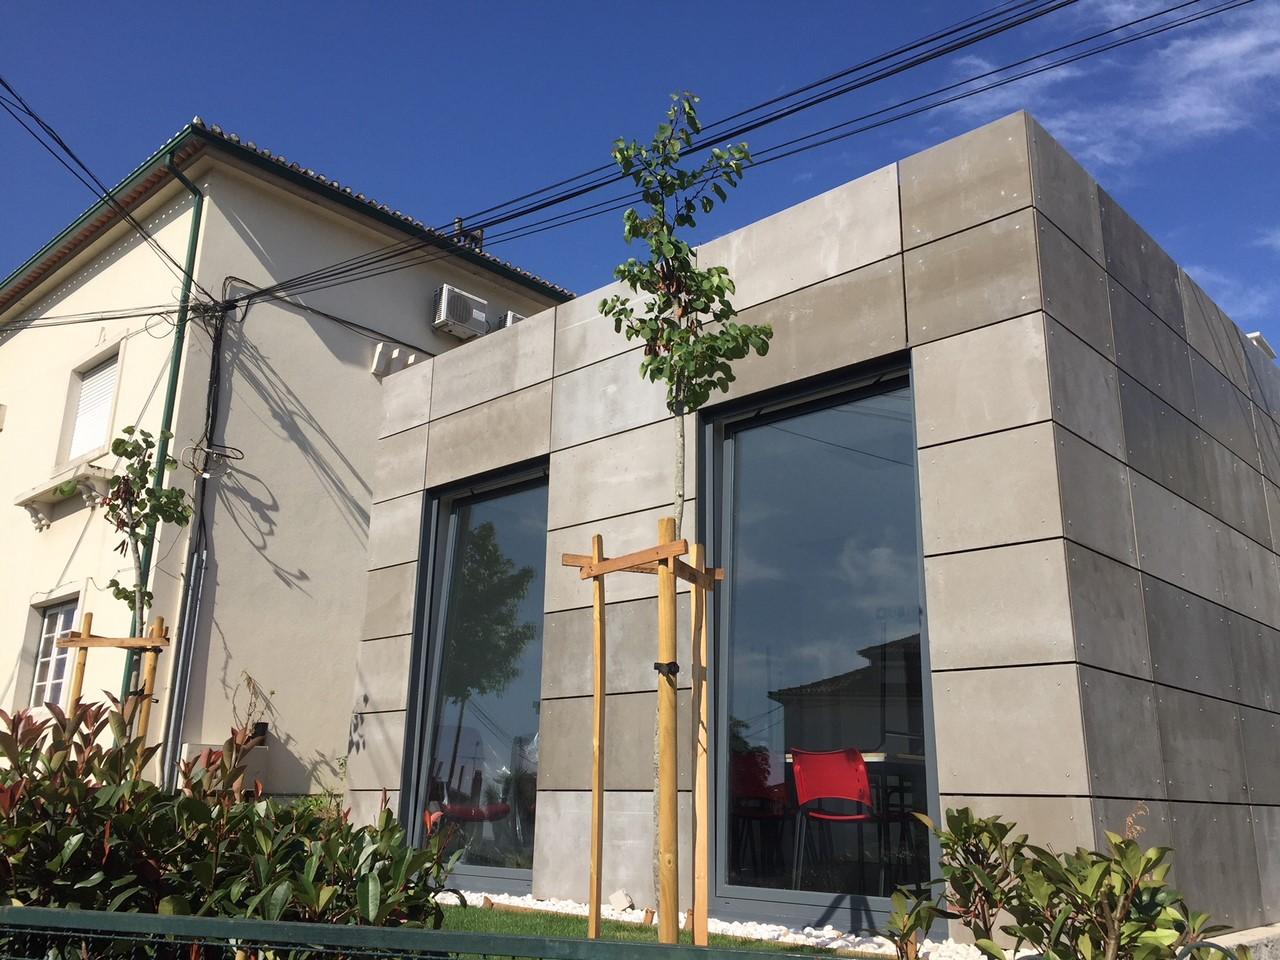 Ampliação de edifício existente - Rua Fernando Pessoa | Coimbra 0